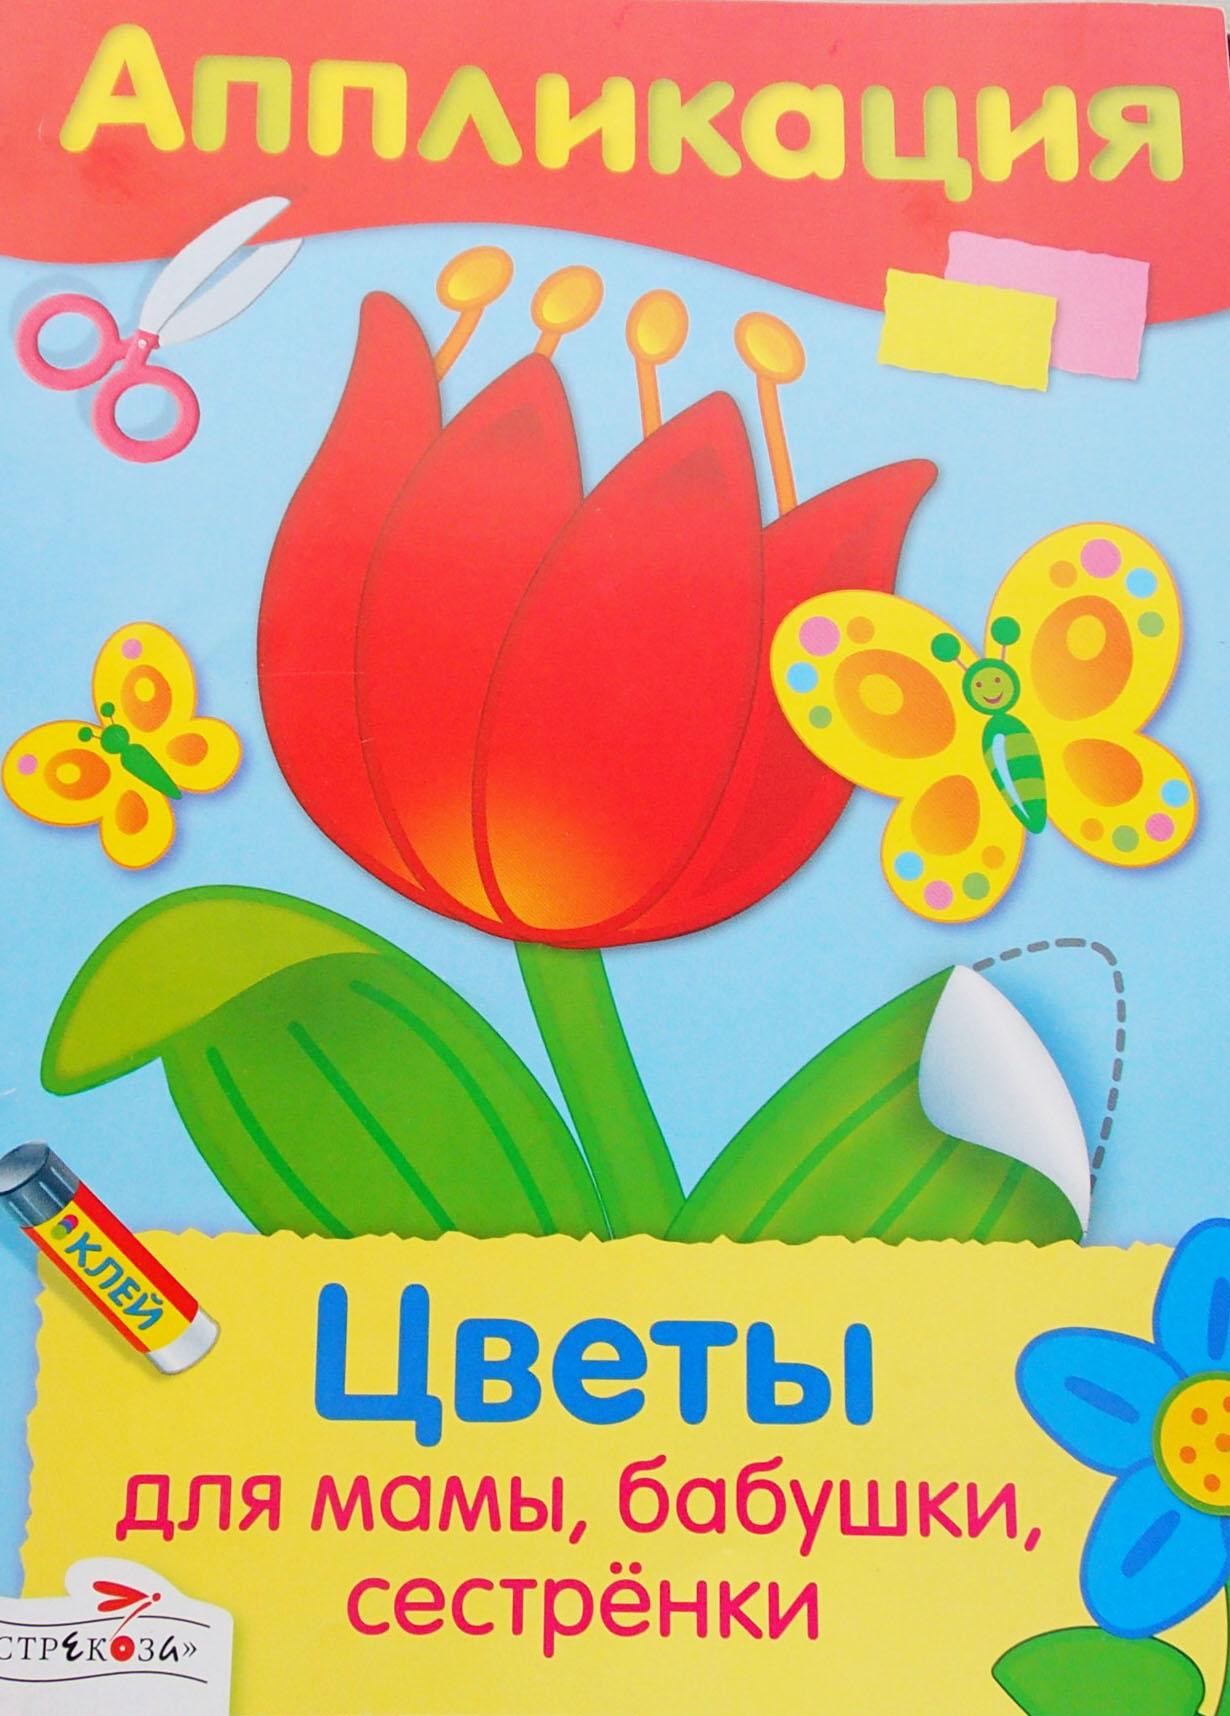 Подарок к празднику 8 Марта. Аппликация. Цветы для мамы ...